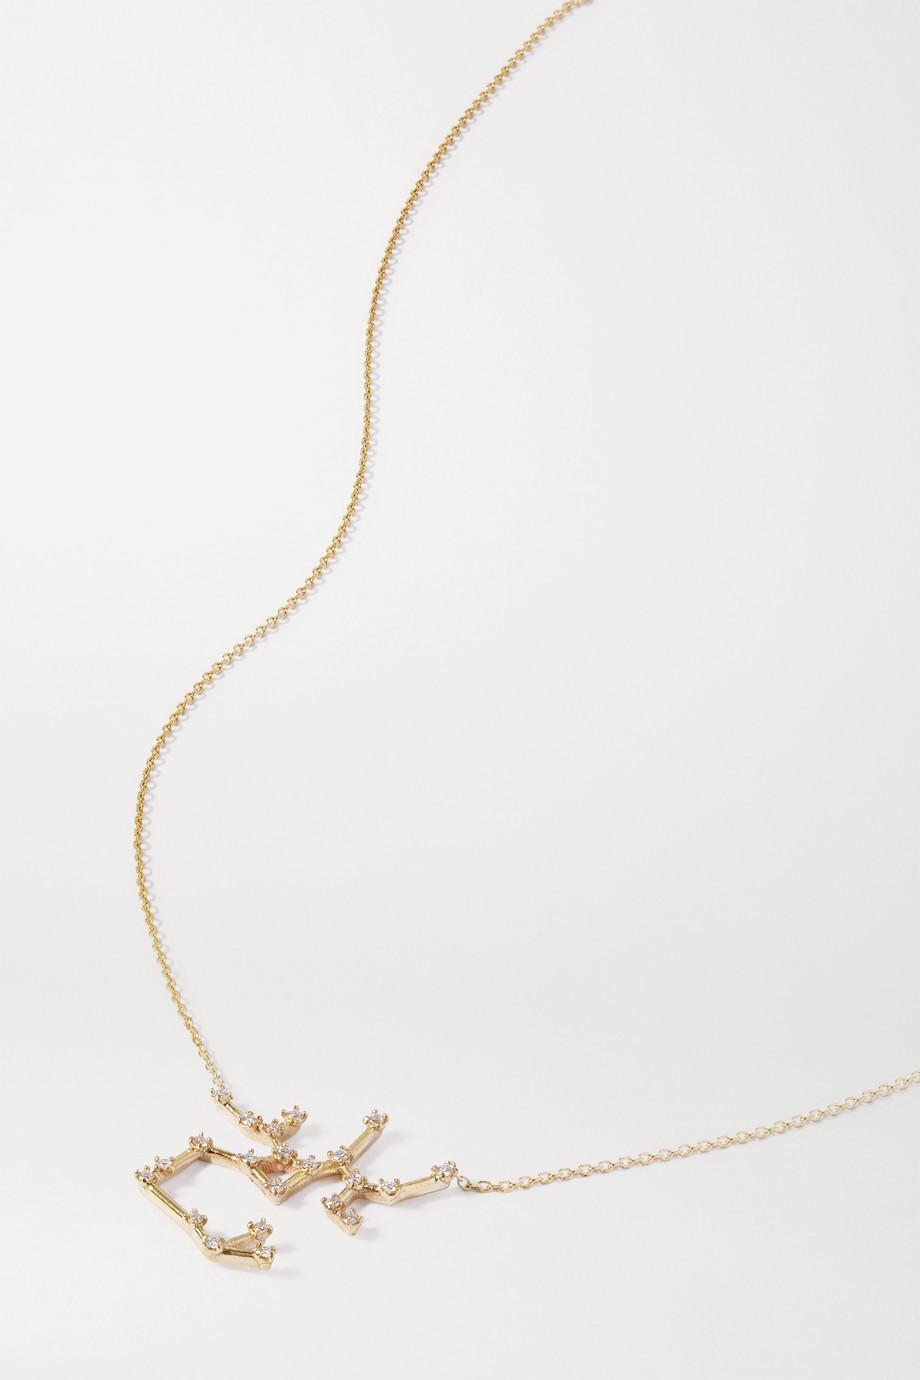 SARAH & SEBASTIAN Celestial 射手座 10K 黄金钻石项链